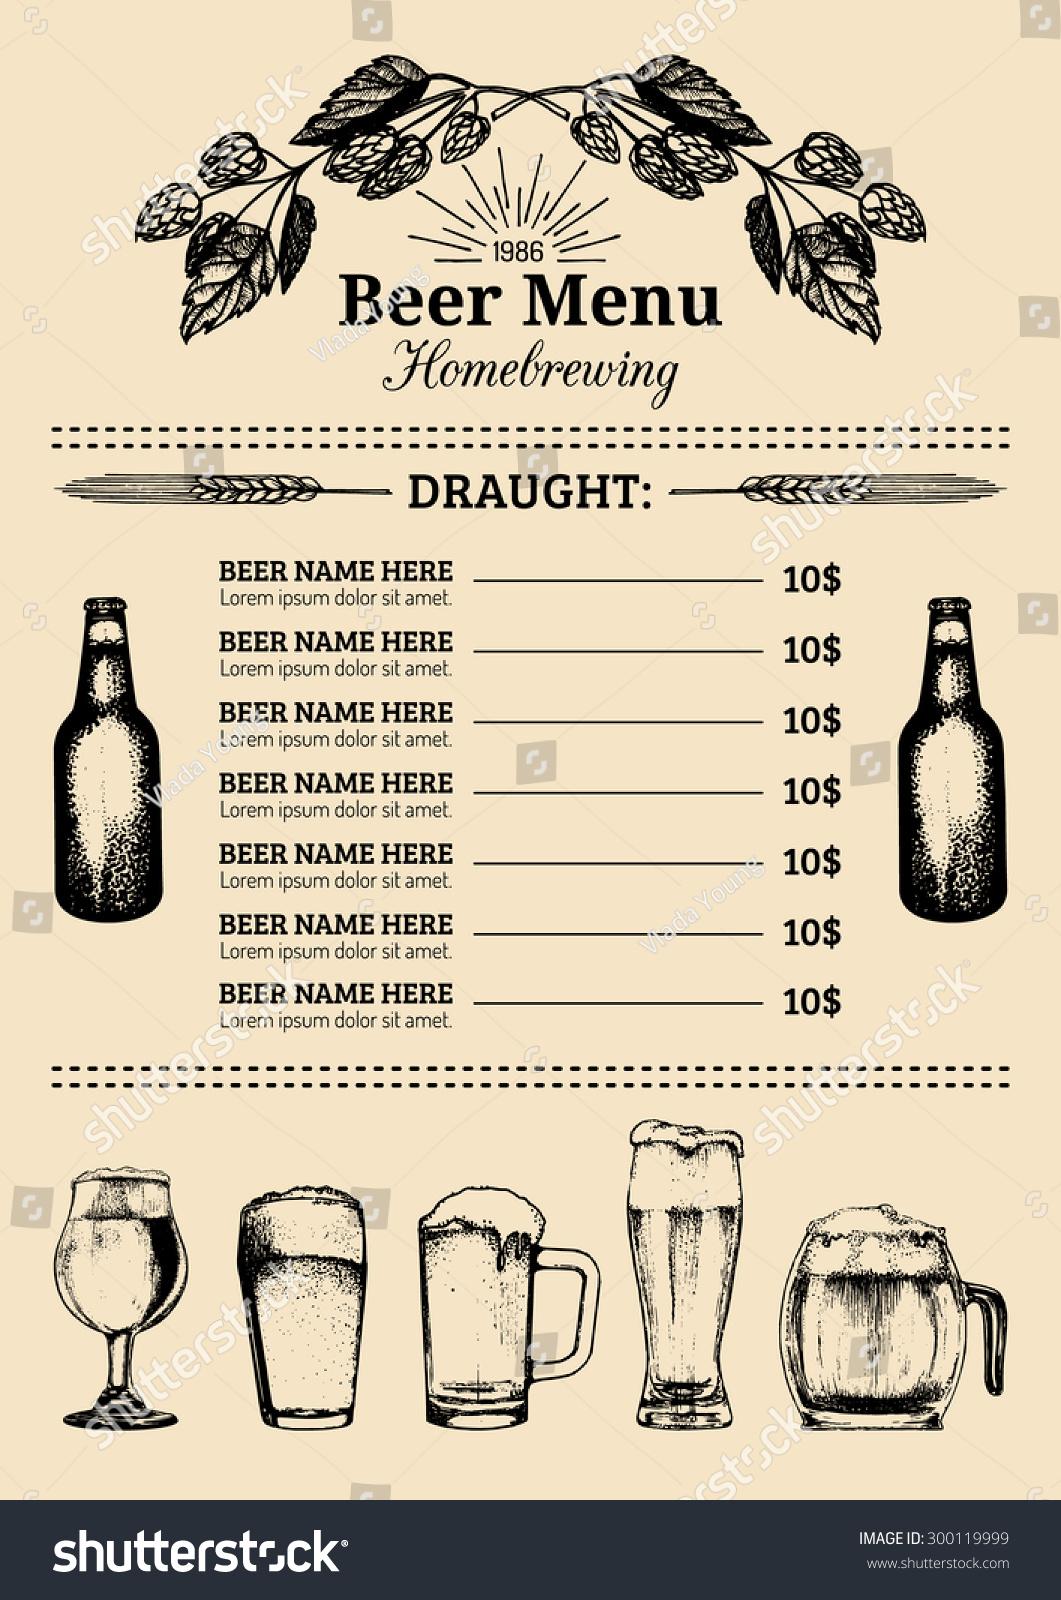 Royaltyfree Beer menu design template Vector bar 300119999 – Beer Menu